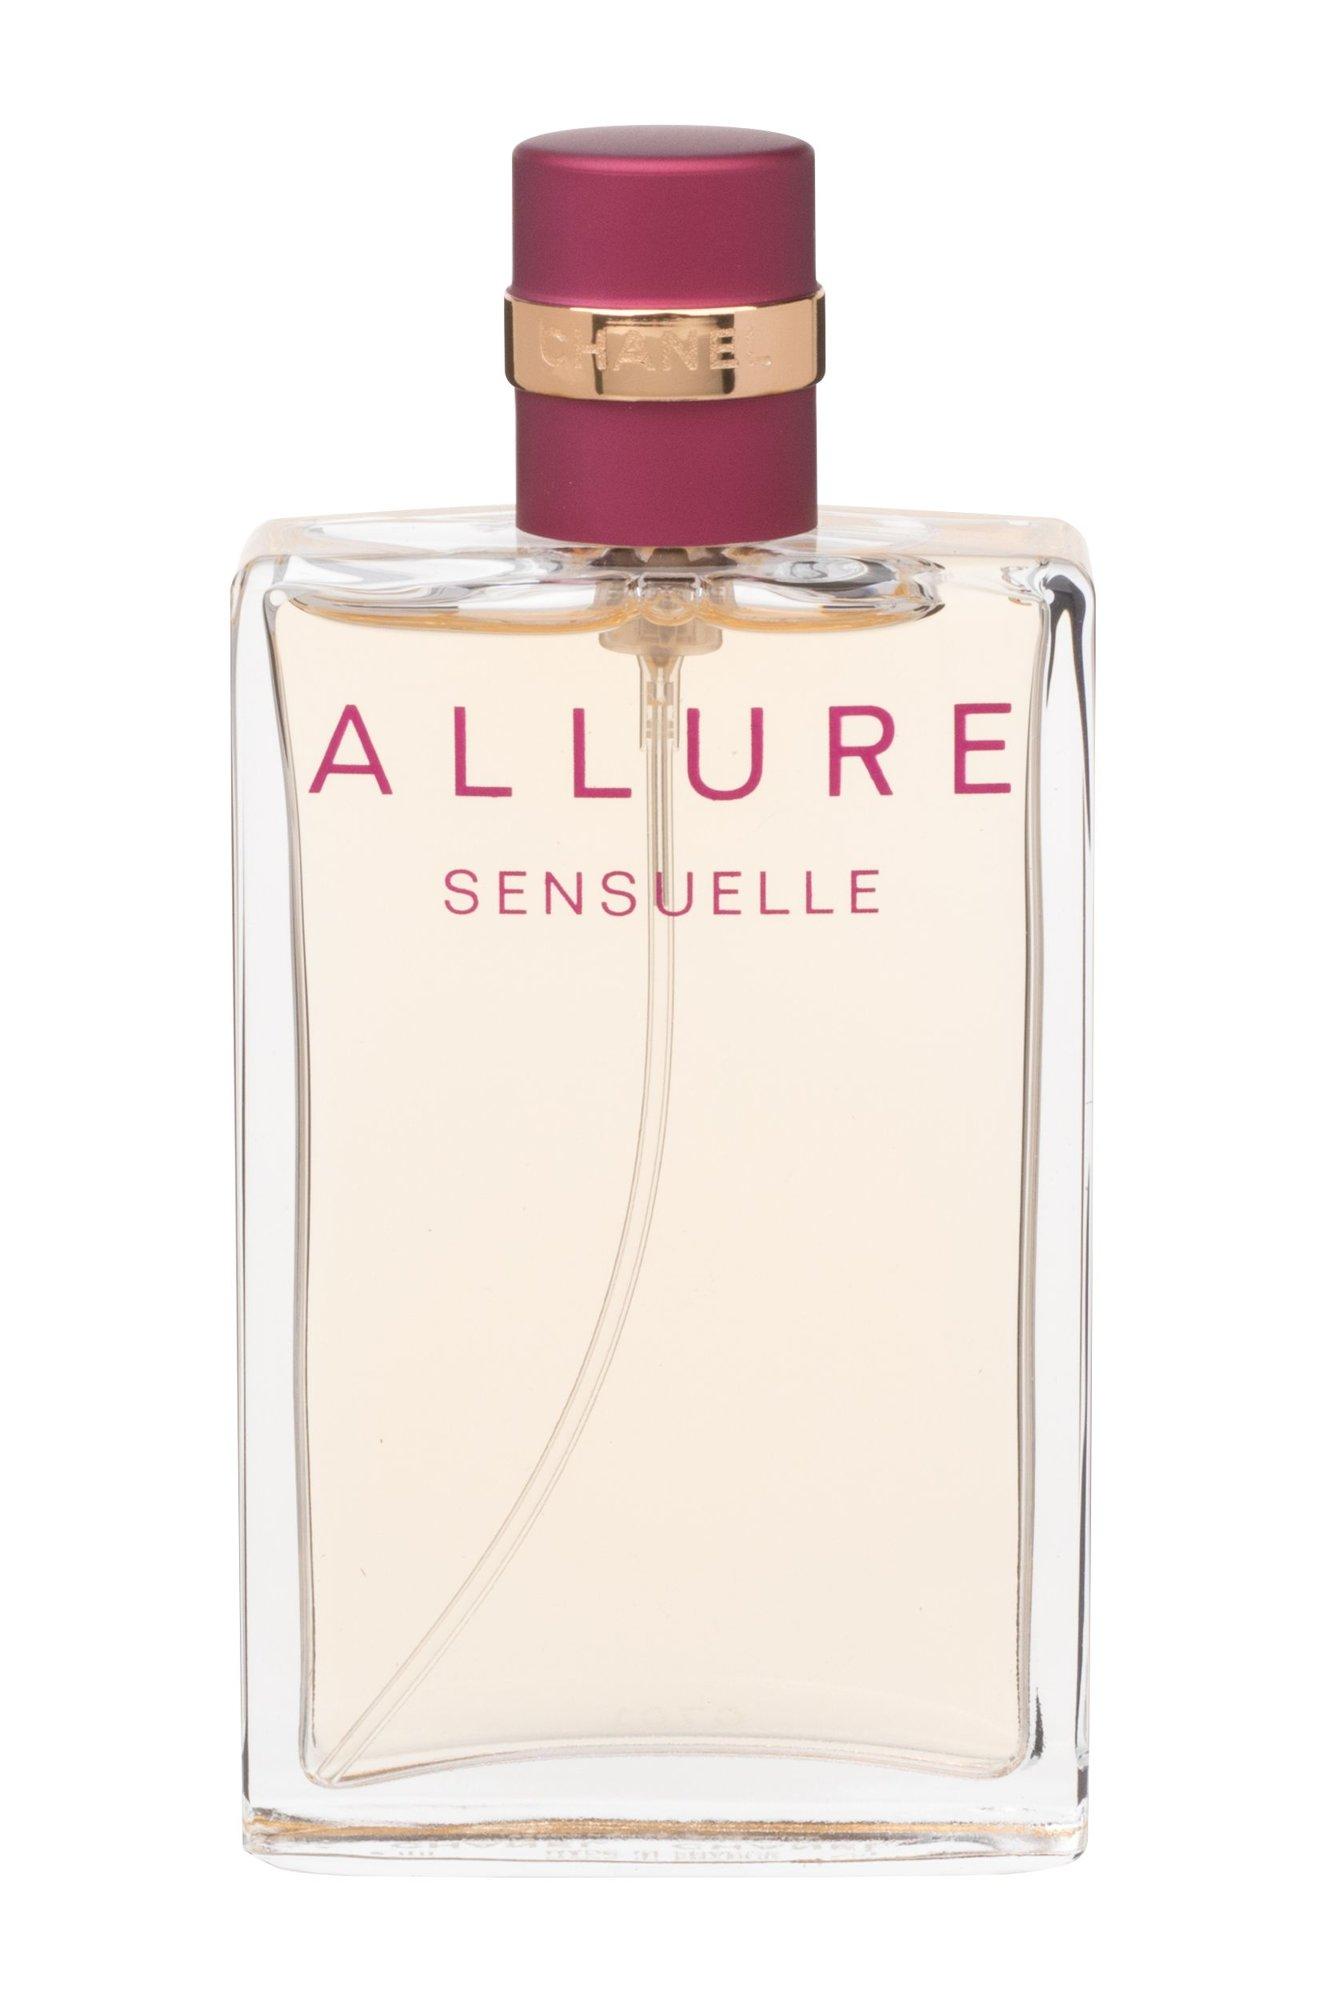 Chanel Allure Sensuelle Eau de Parfum 50ml